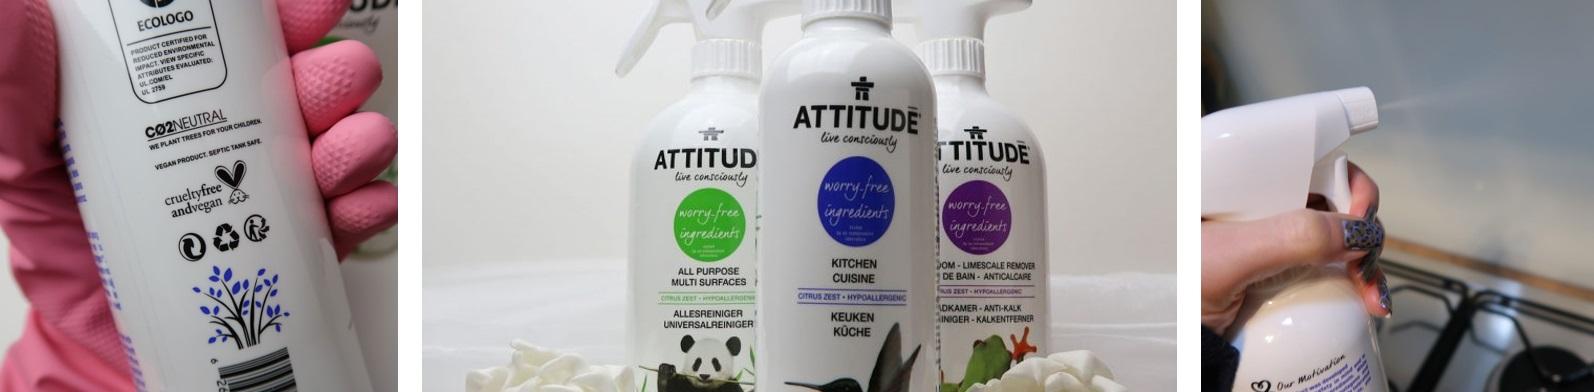 Attitude - Reiniging